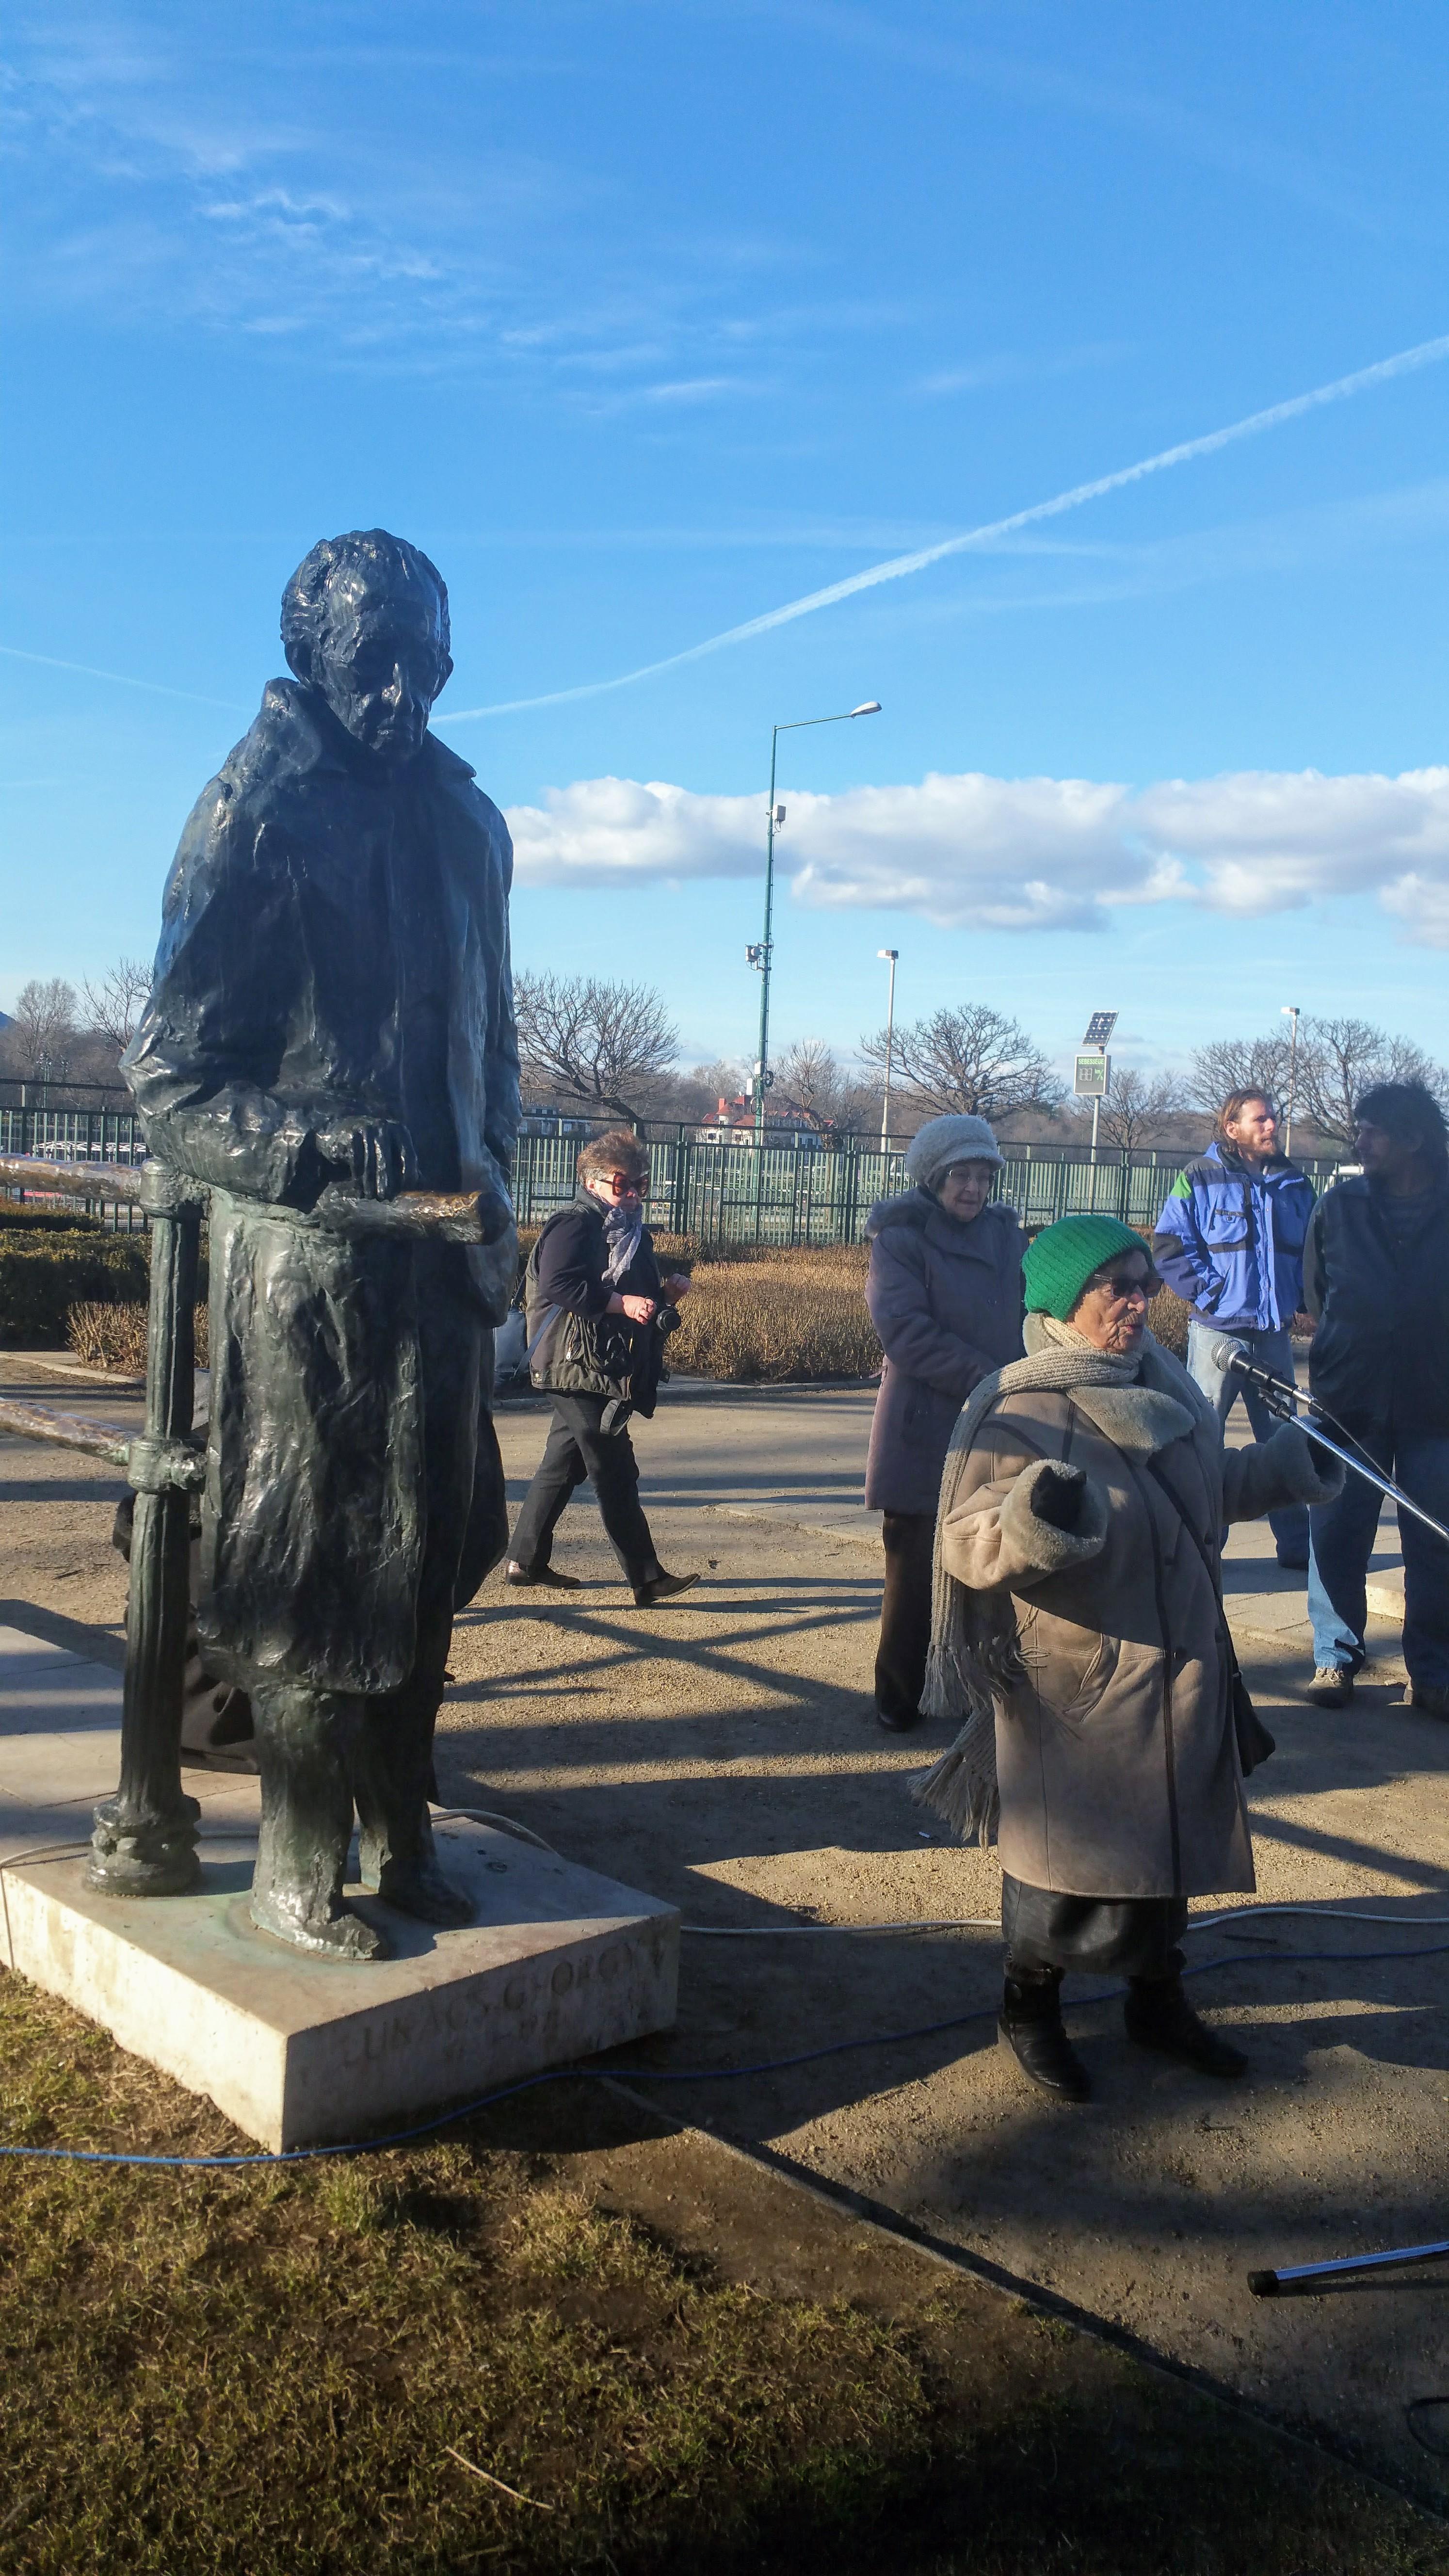 Lukács György szobráért többek között Heller Ágnes filozófus is kiállt. Fotó: Garai- Édler Eszter, Budapest, 2017. febr. 25. (Szent István park)-